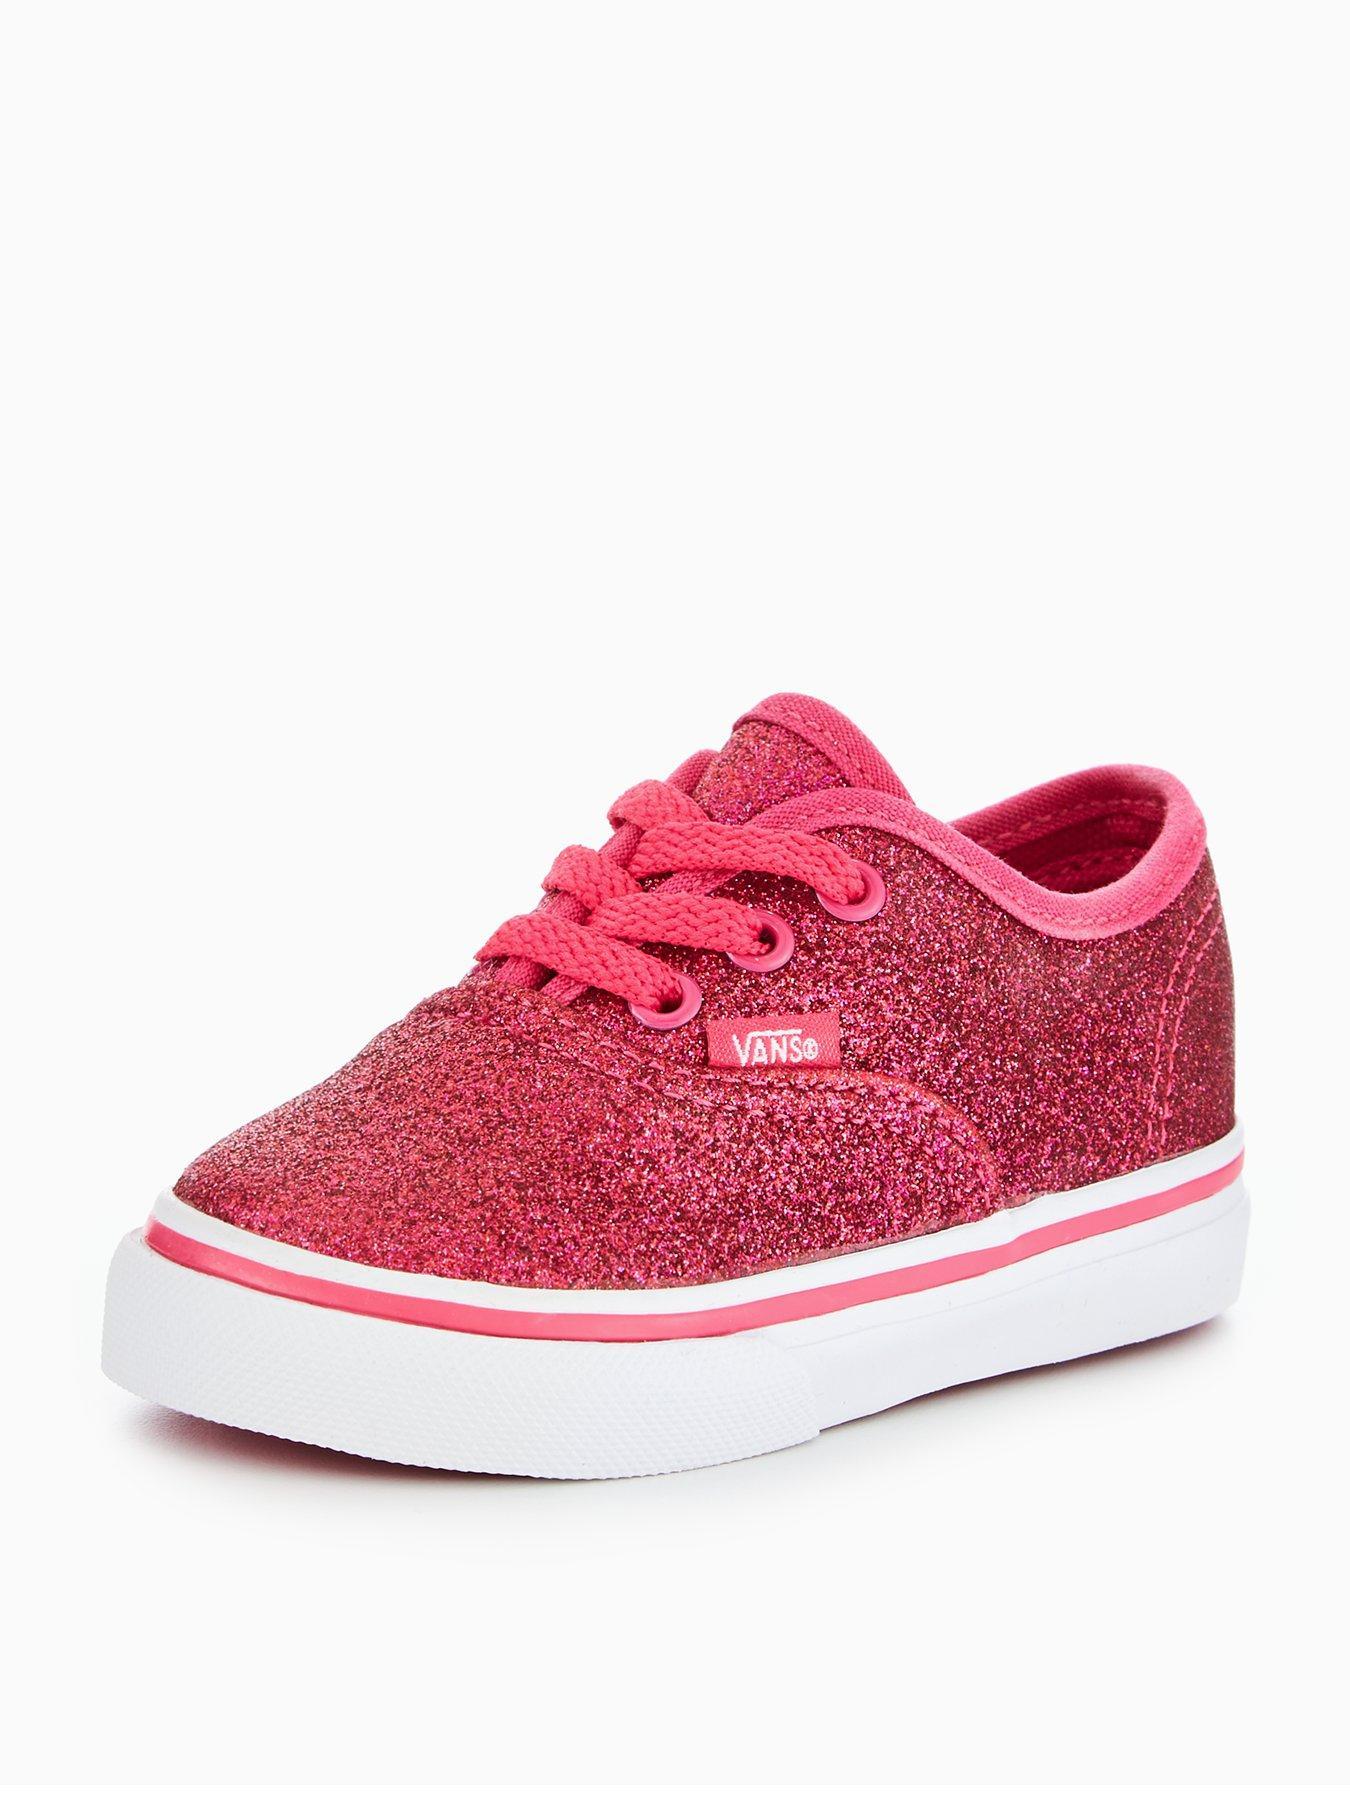 infant vans shoes uk